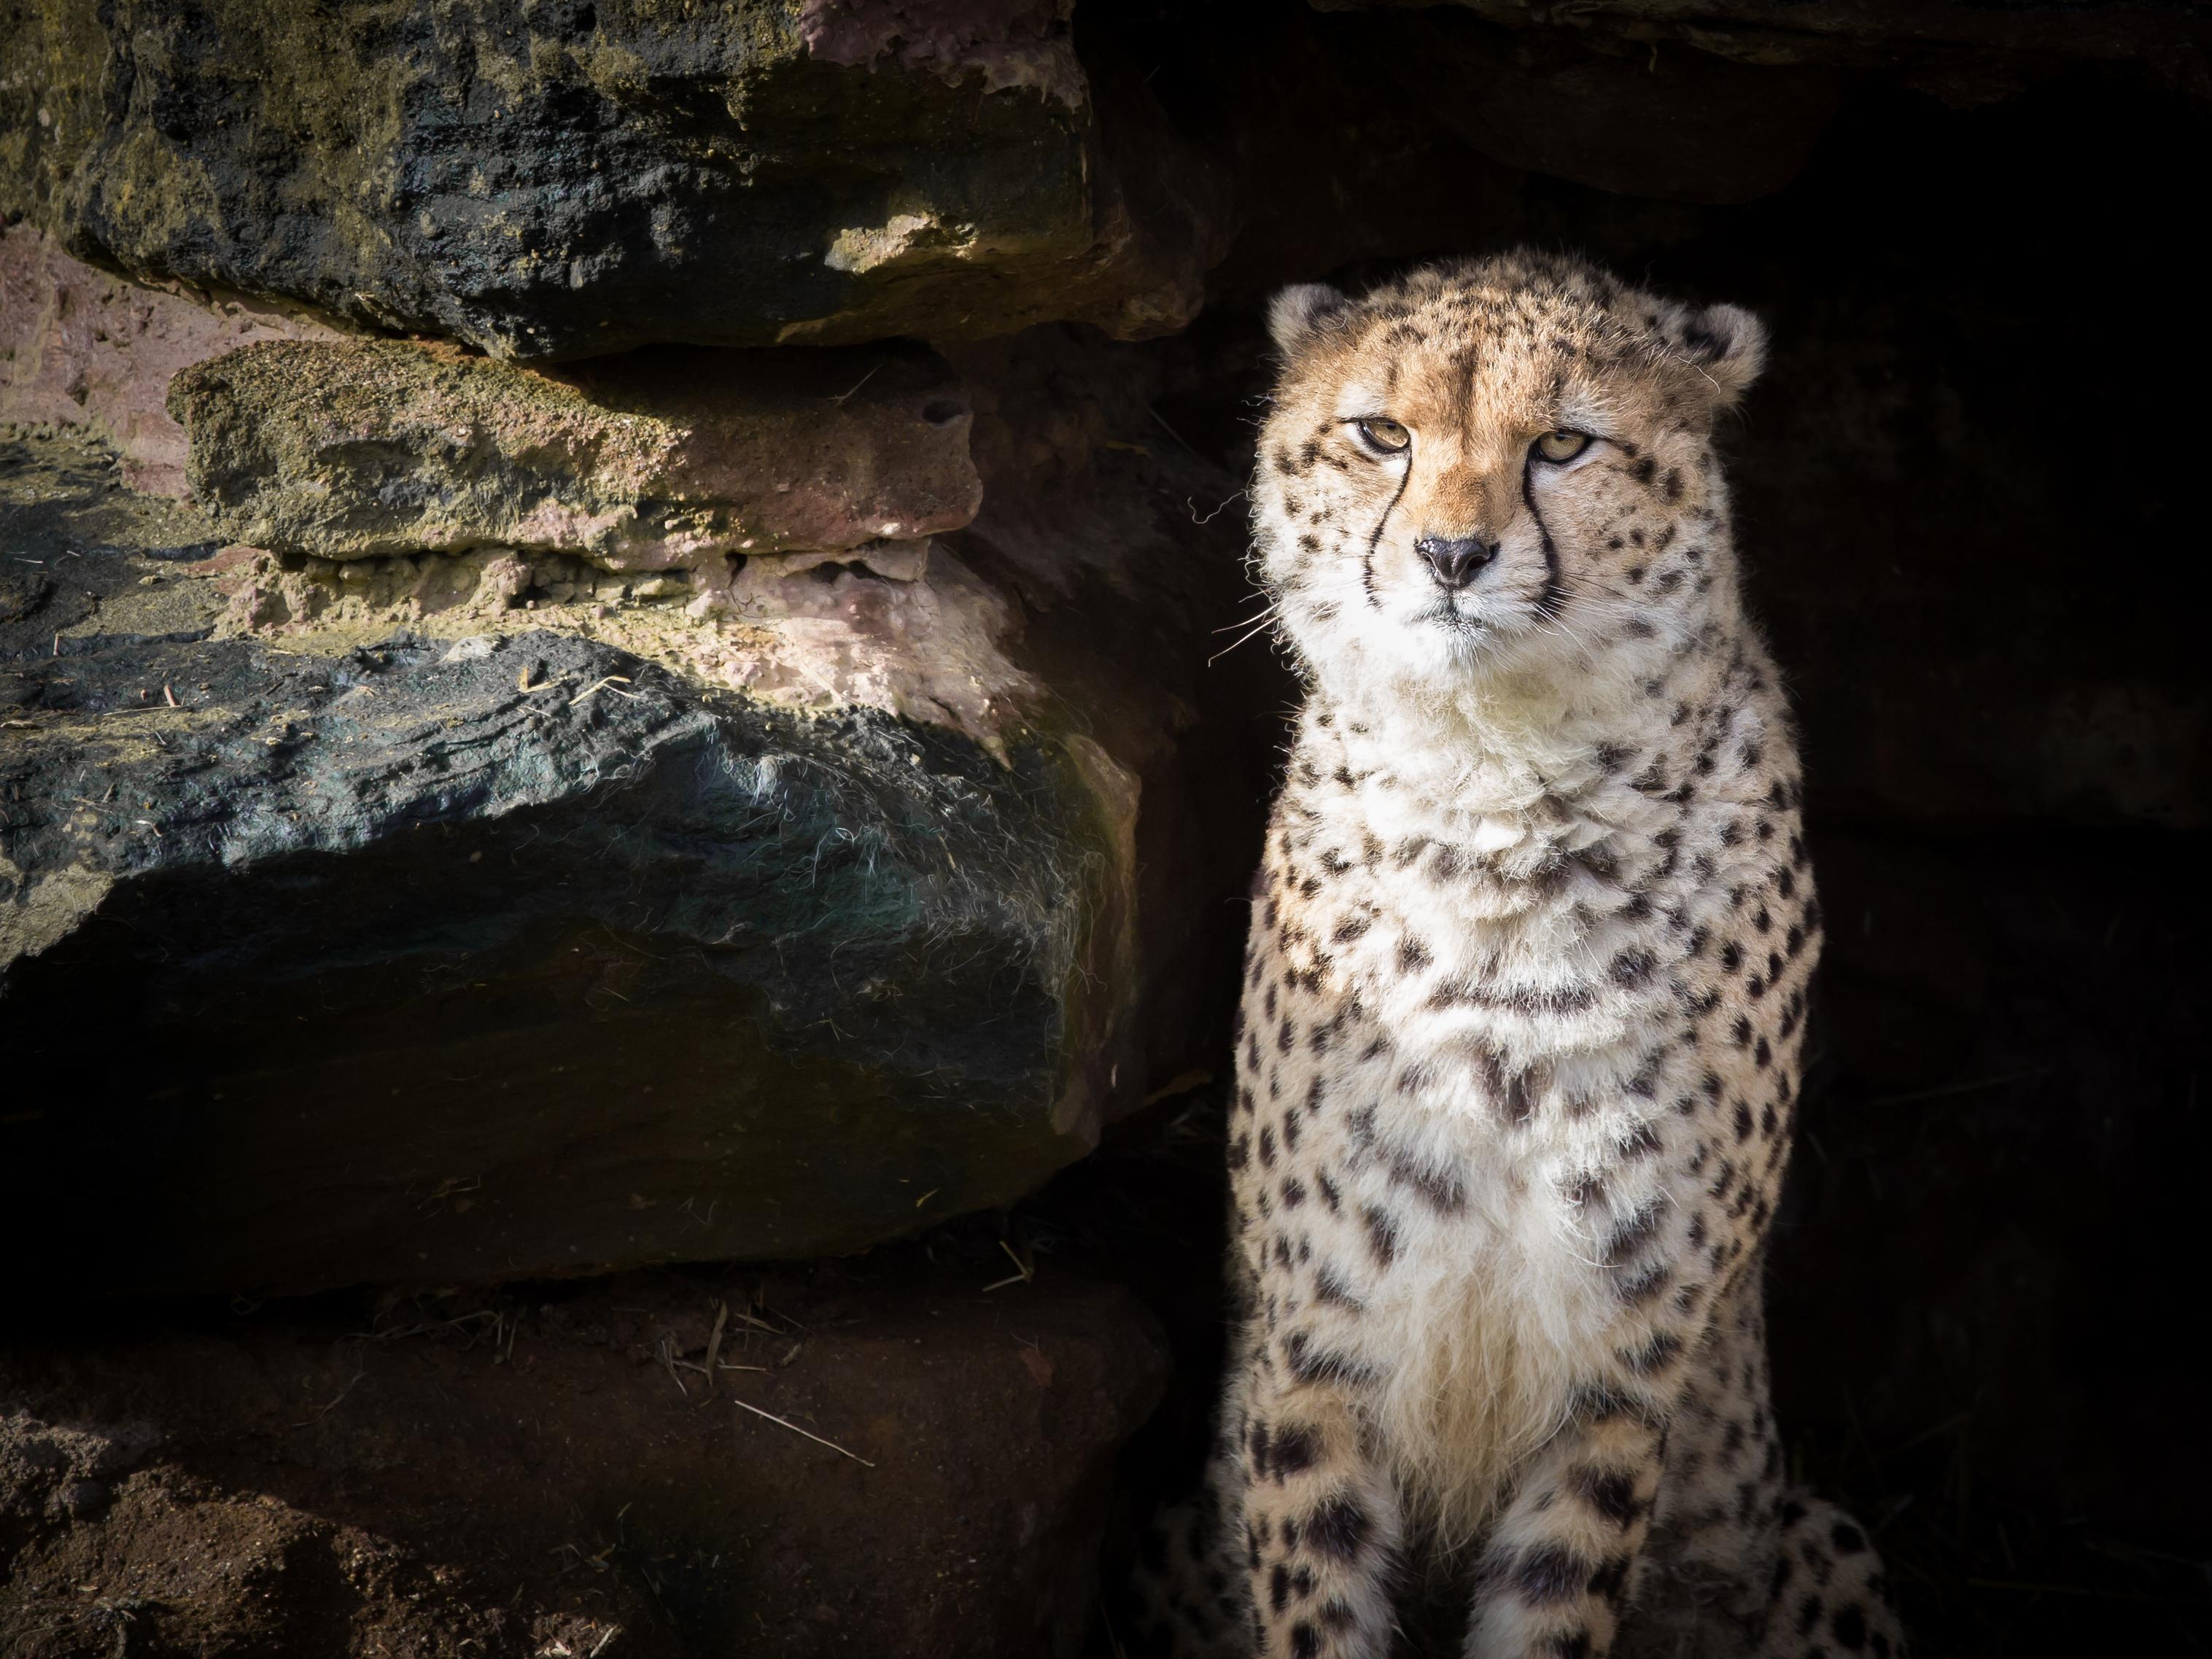 68841 скачать обои Животные, Гепард, Животное, Хищник, Большая Кошка, Дикая Природа - заставки и картинки бесплатно